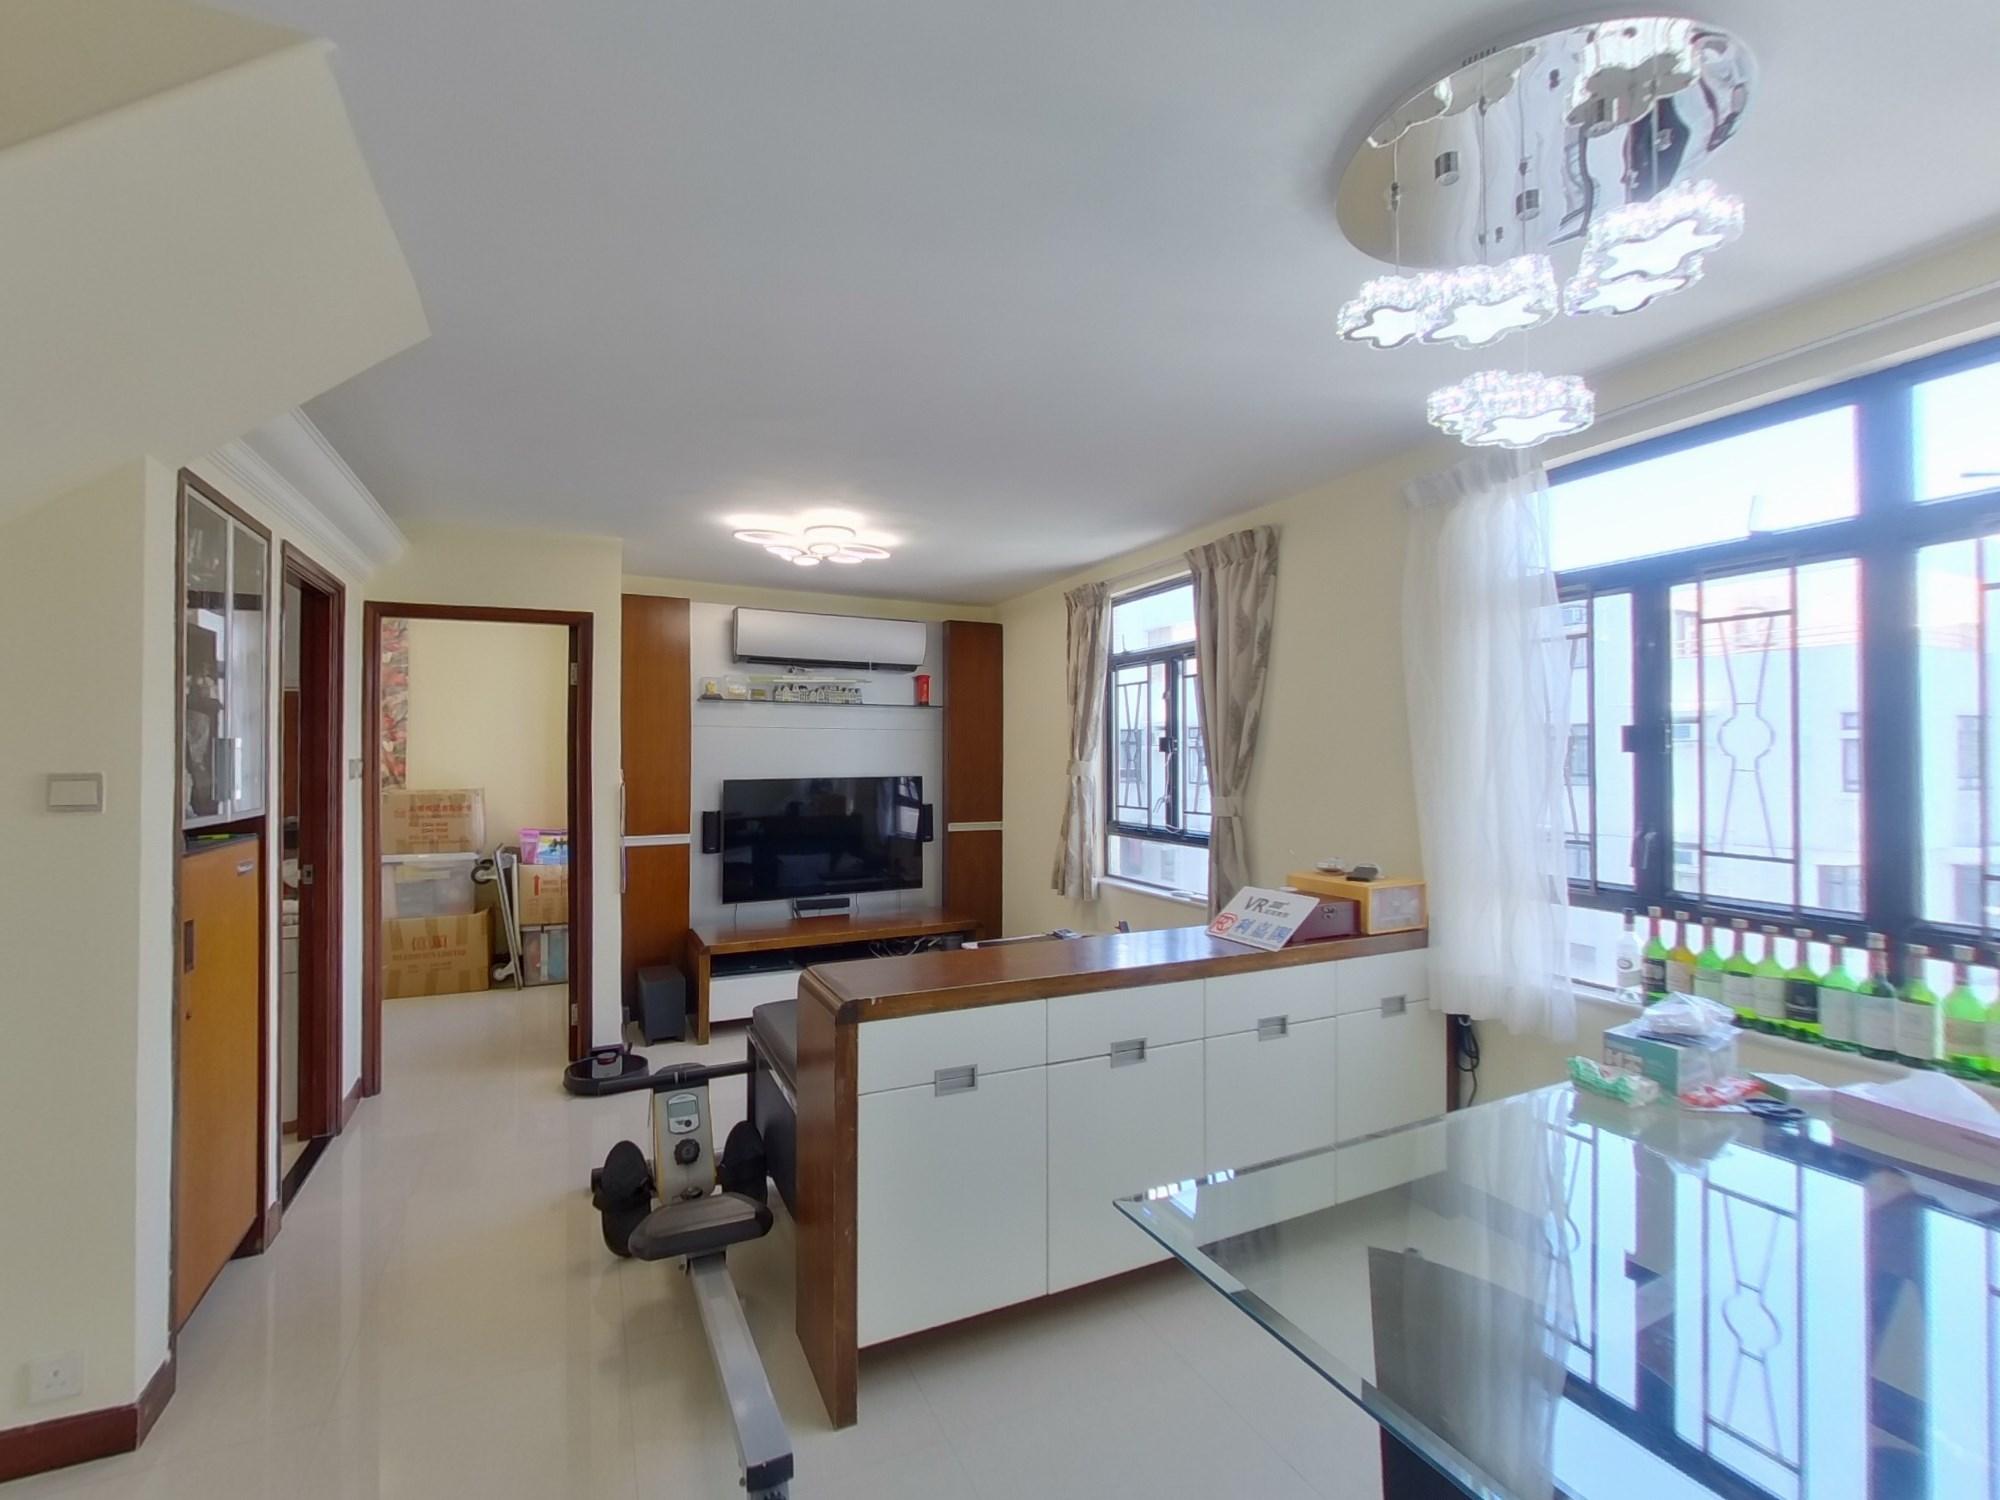 Heng Fa Chuen HENG FA CHUEN Upper Floor House730-3851598